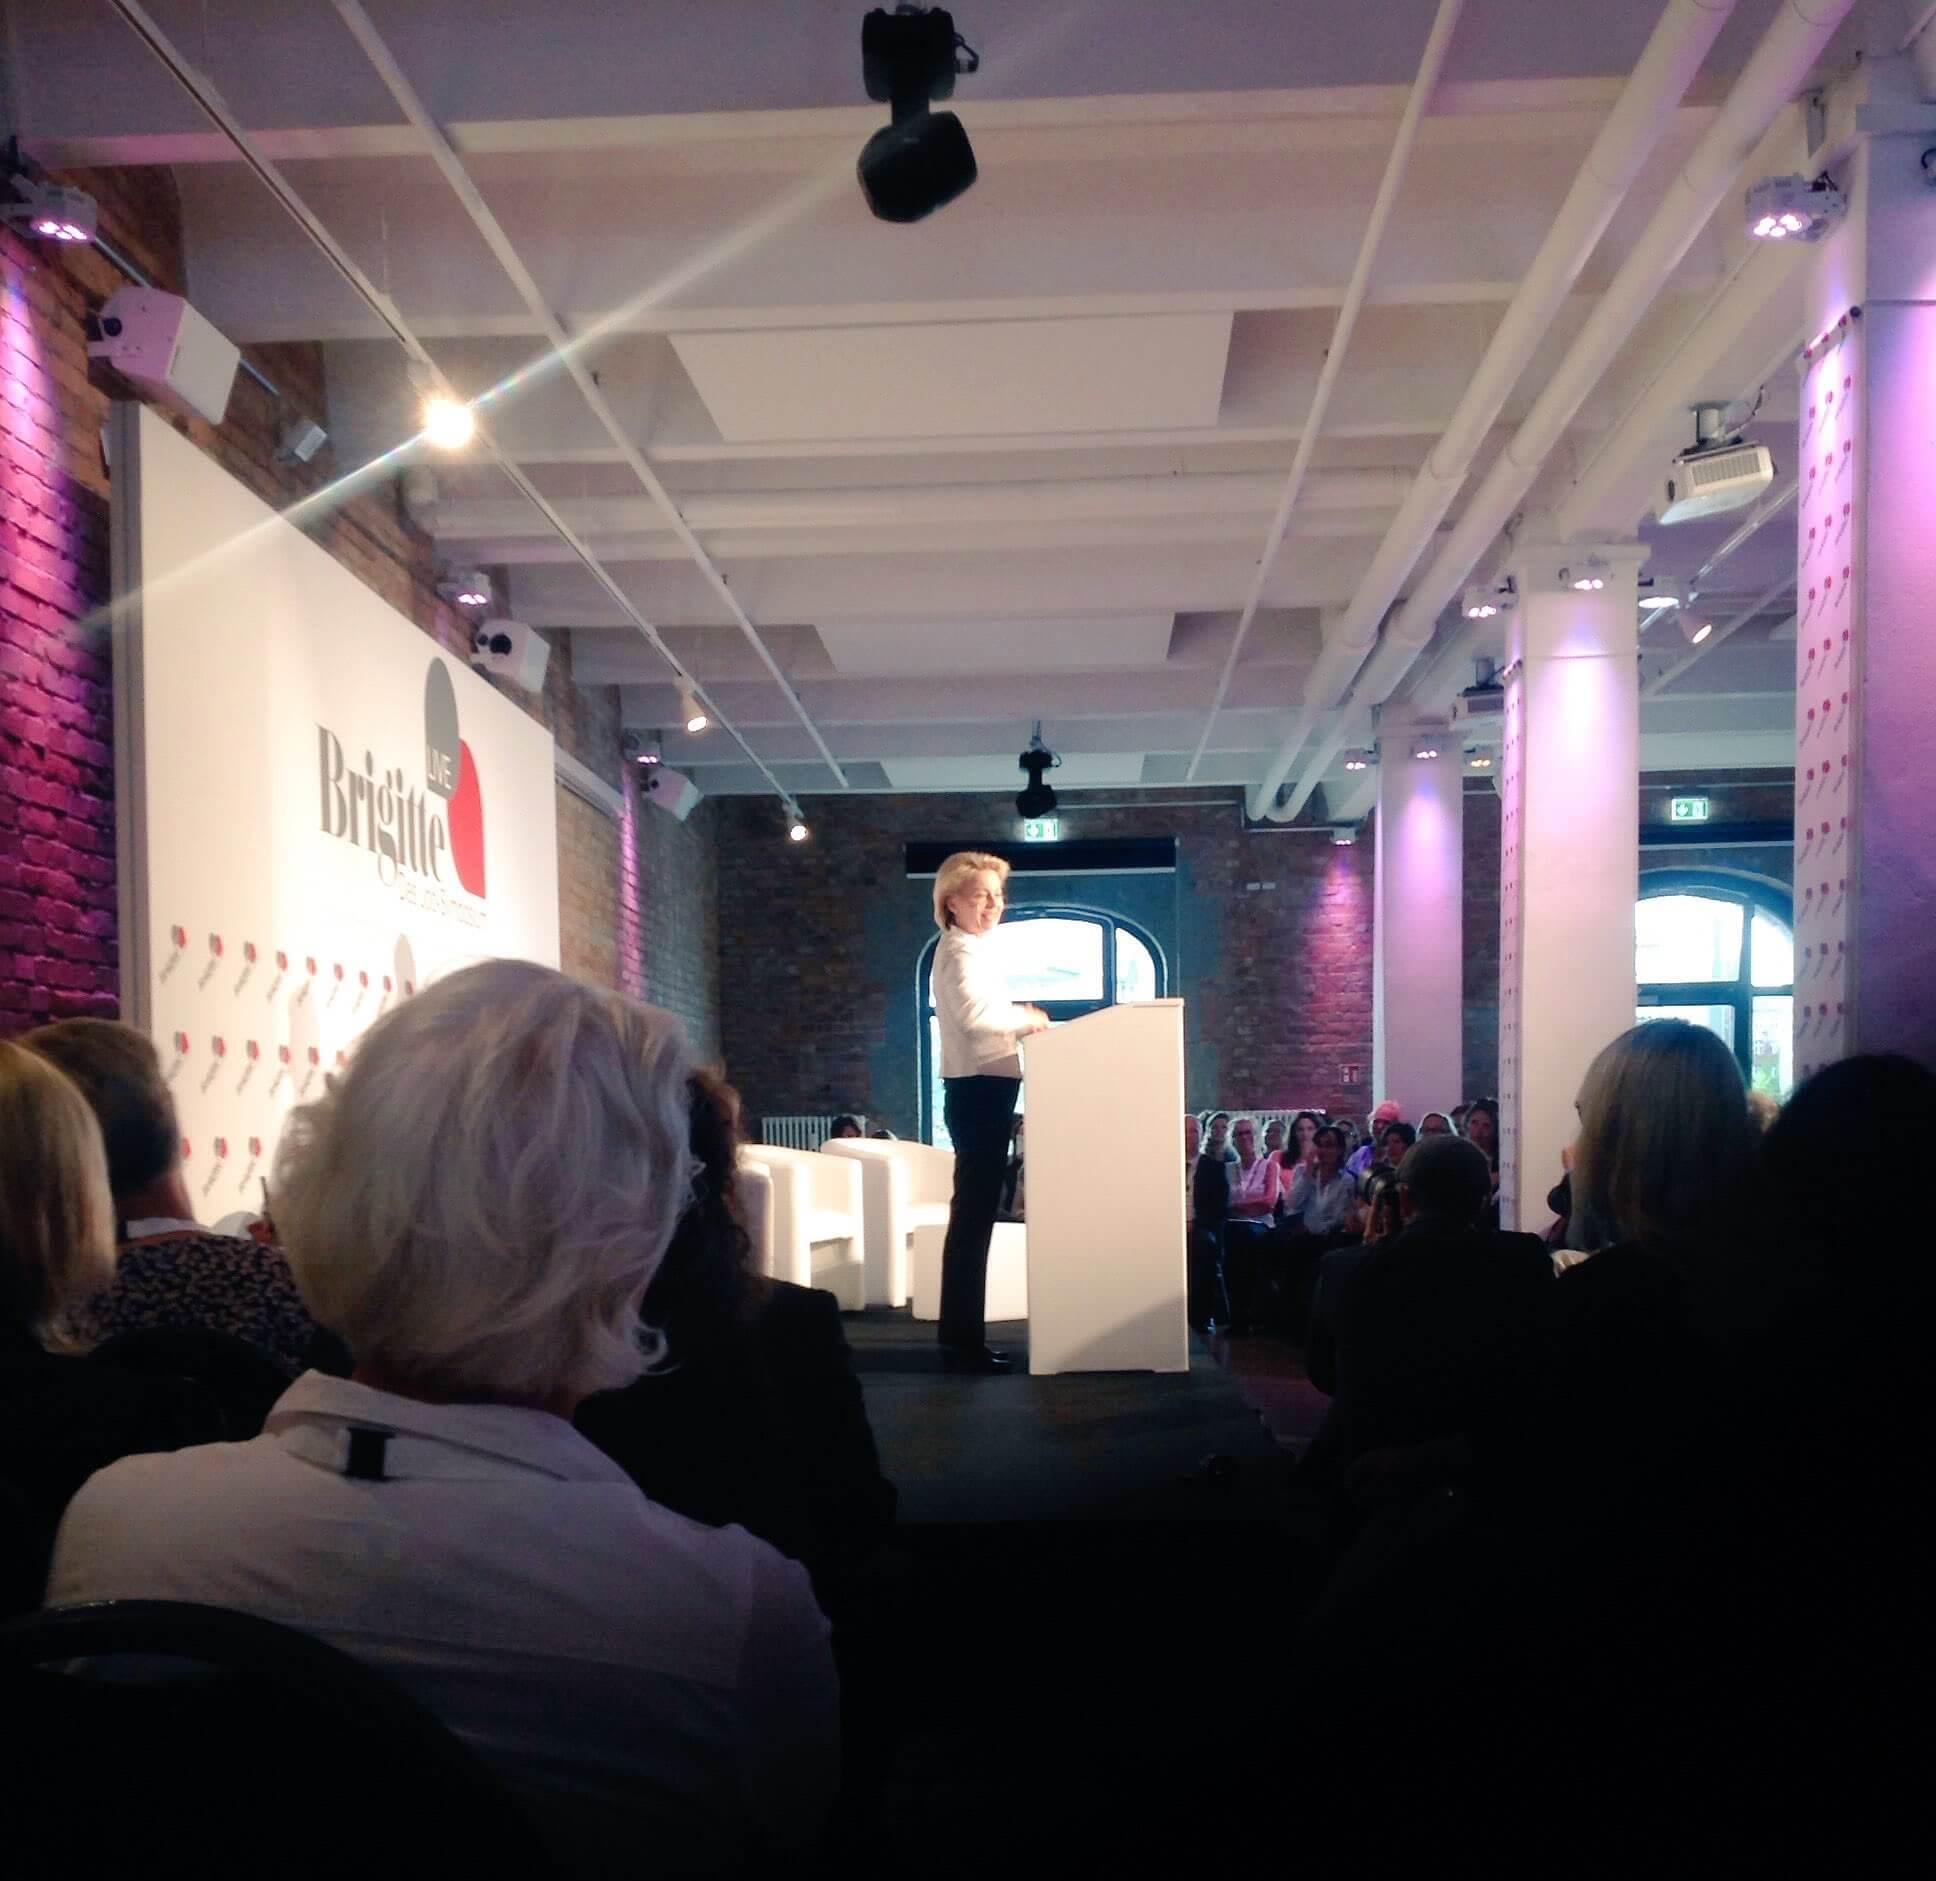 Verteidigungsministerin Von der Leyer auf dem BRIGITTE Job-Symposium. Bild: Ute Blindert